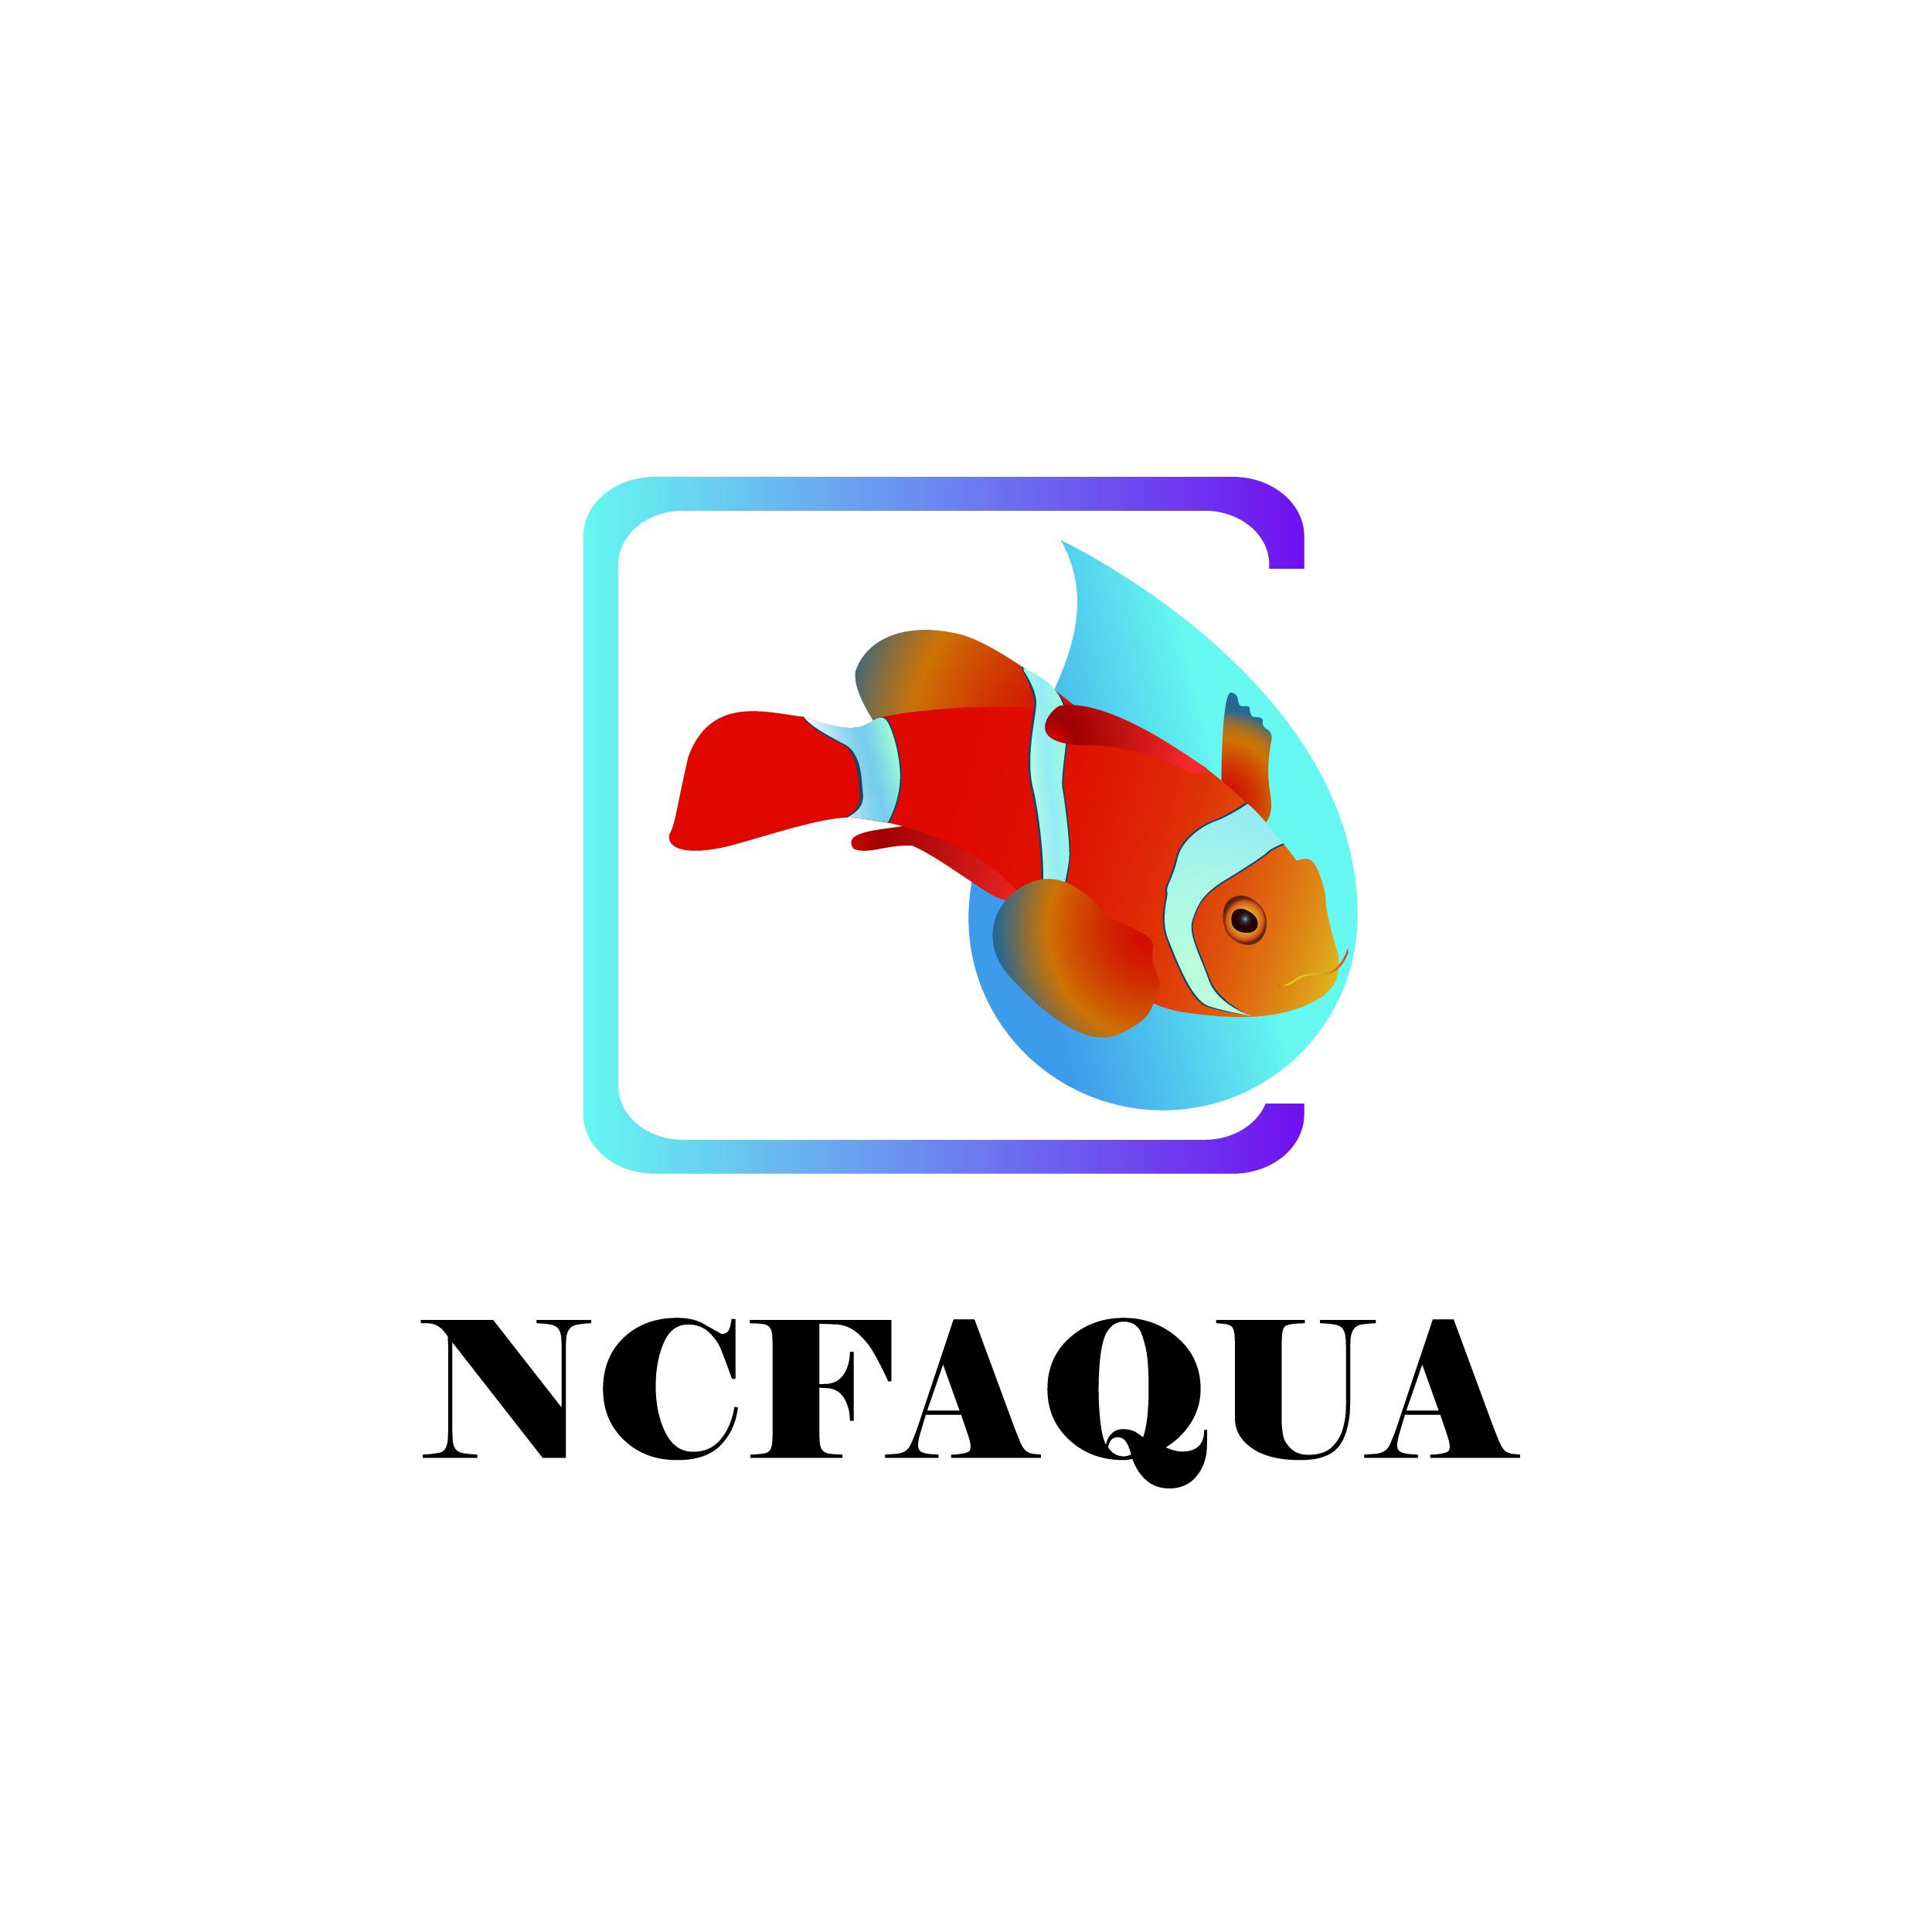 ncfaqua